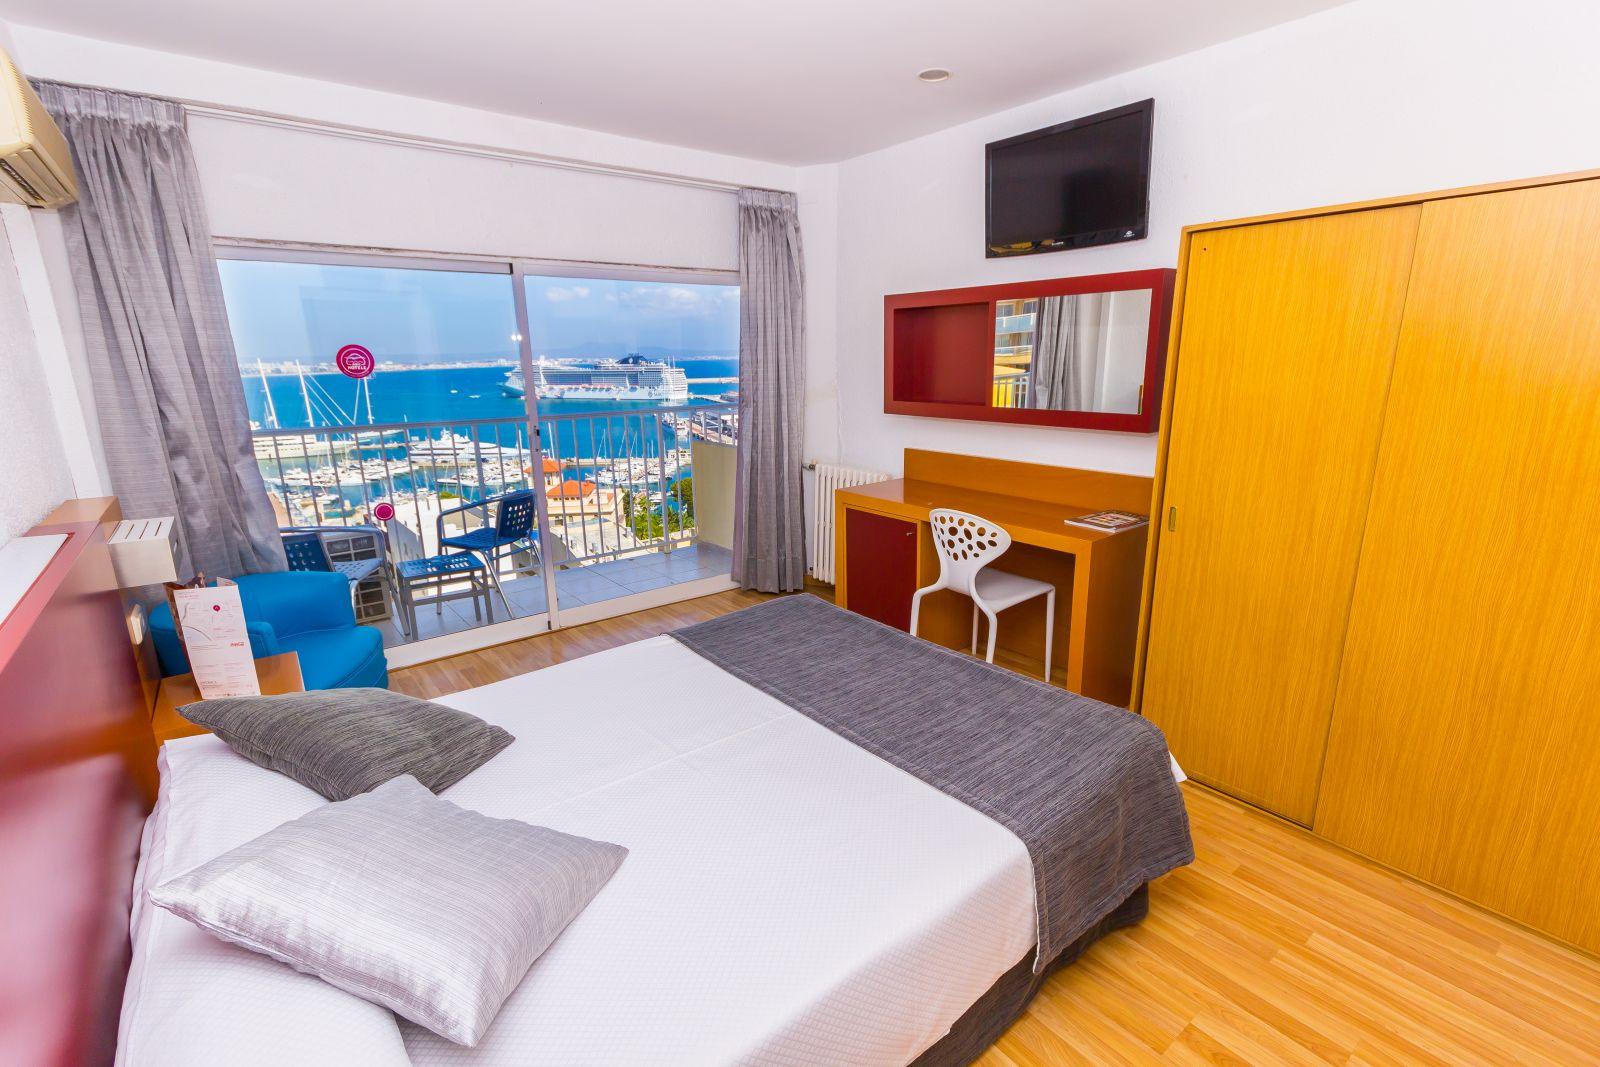 Doble del hotel Amic Horizonte. Foto 3